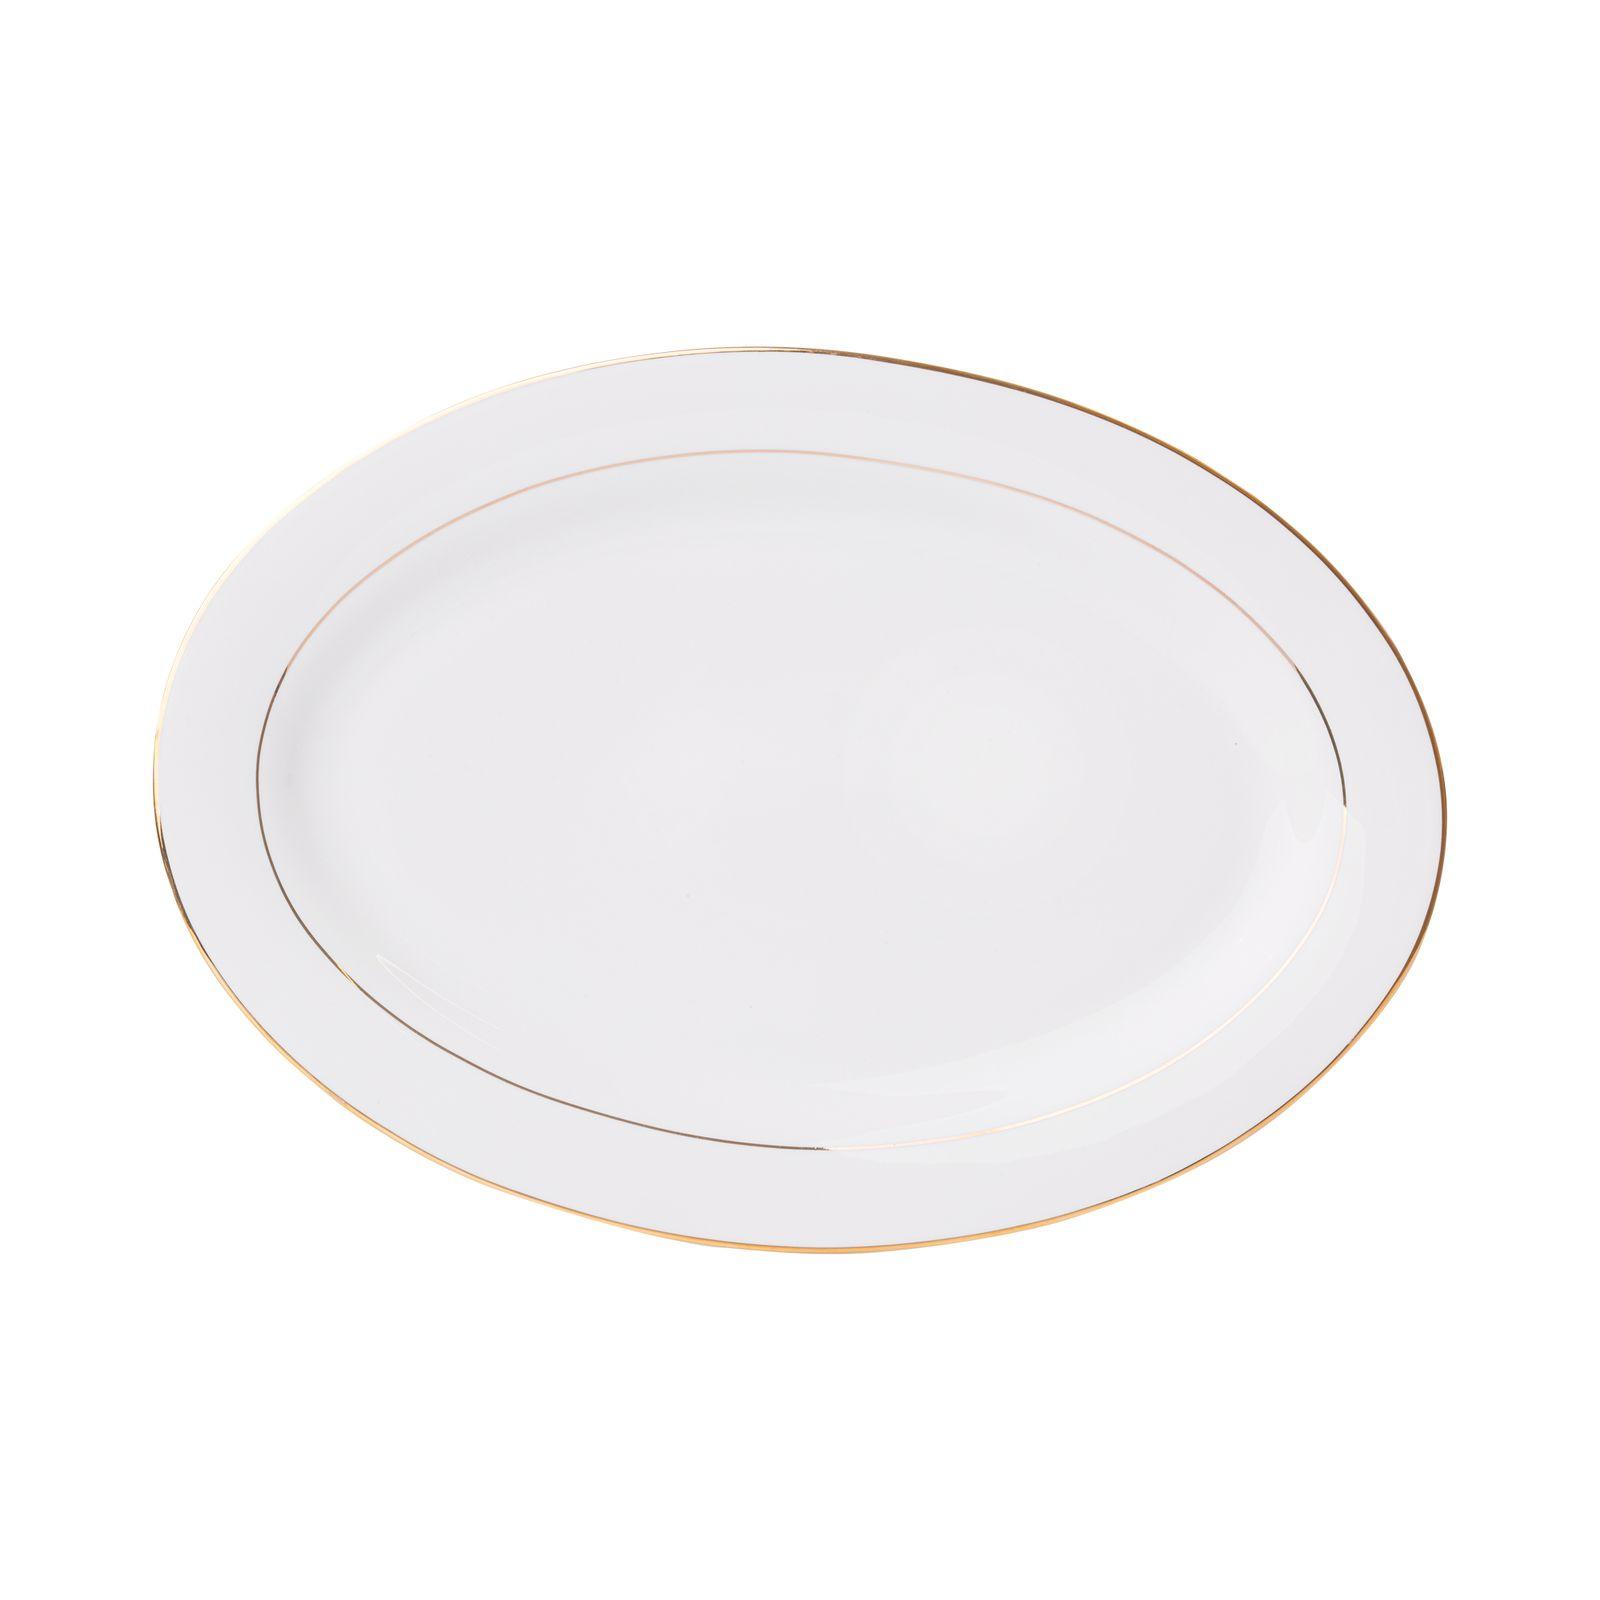 Servierteller oval 35,5 cm Aura Gold AMBITION